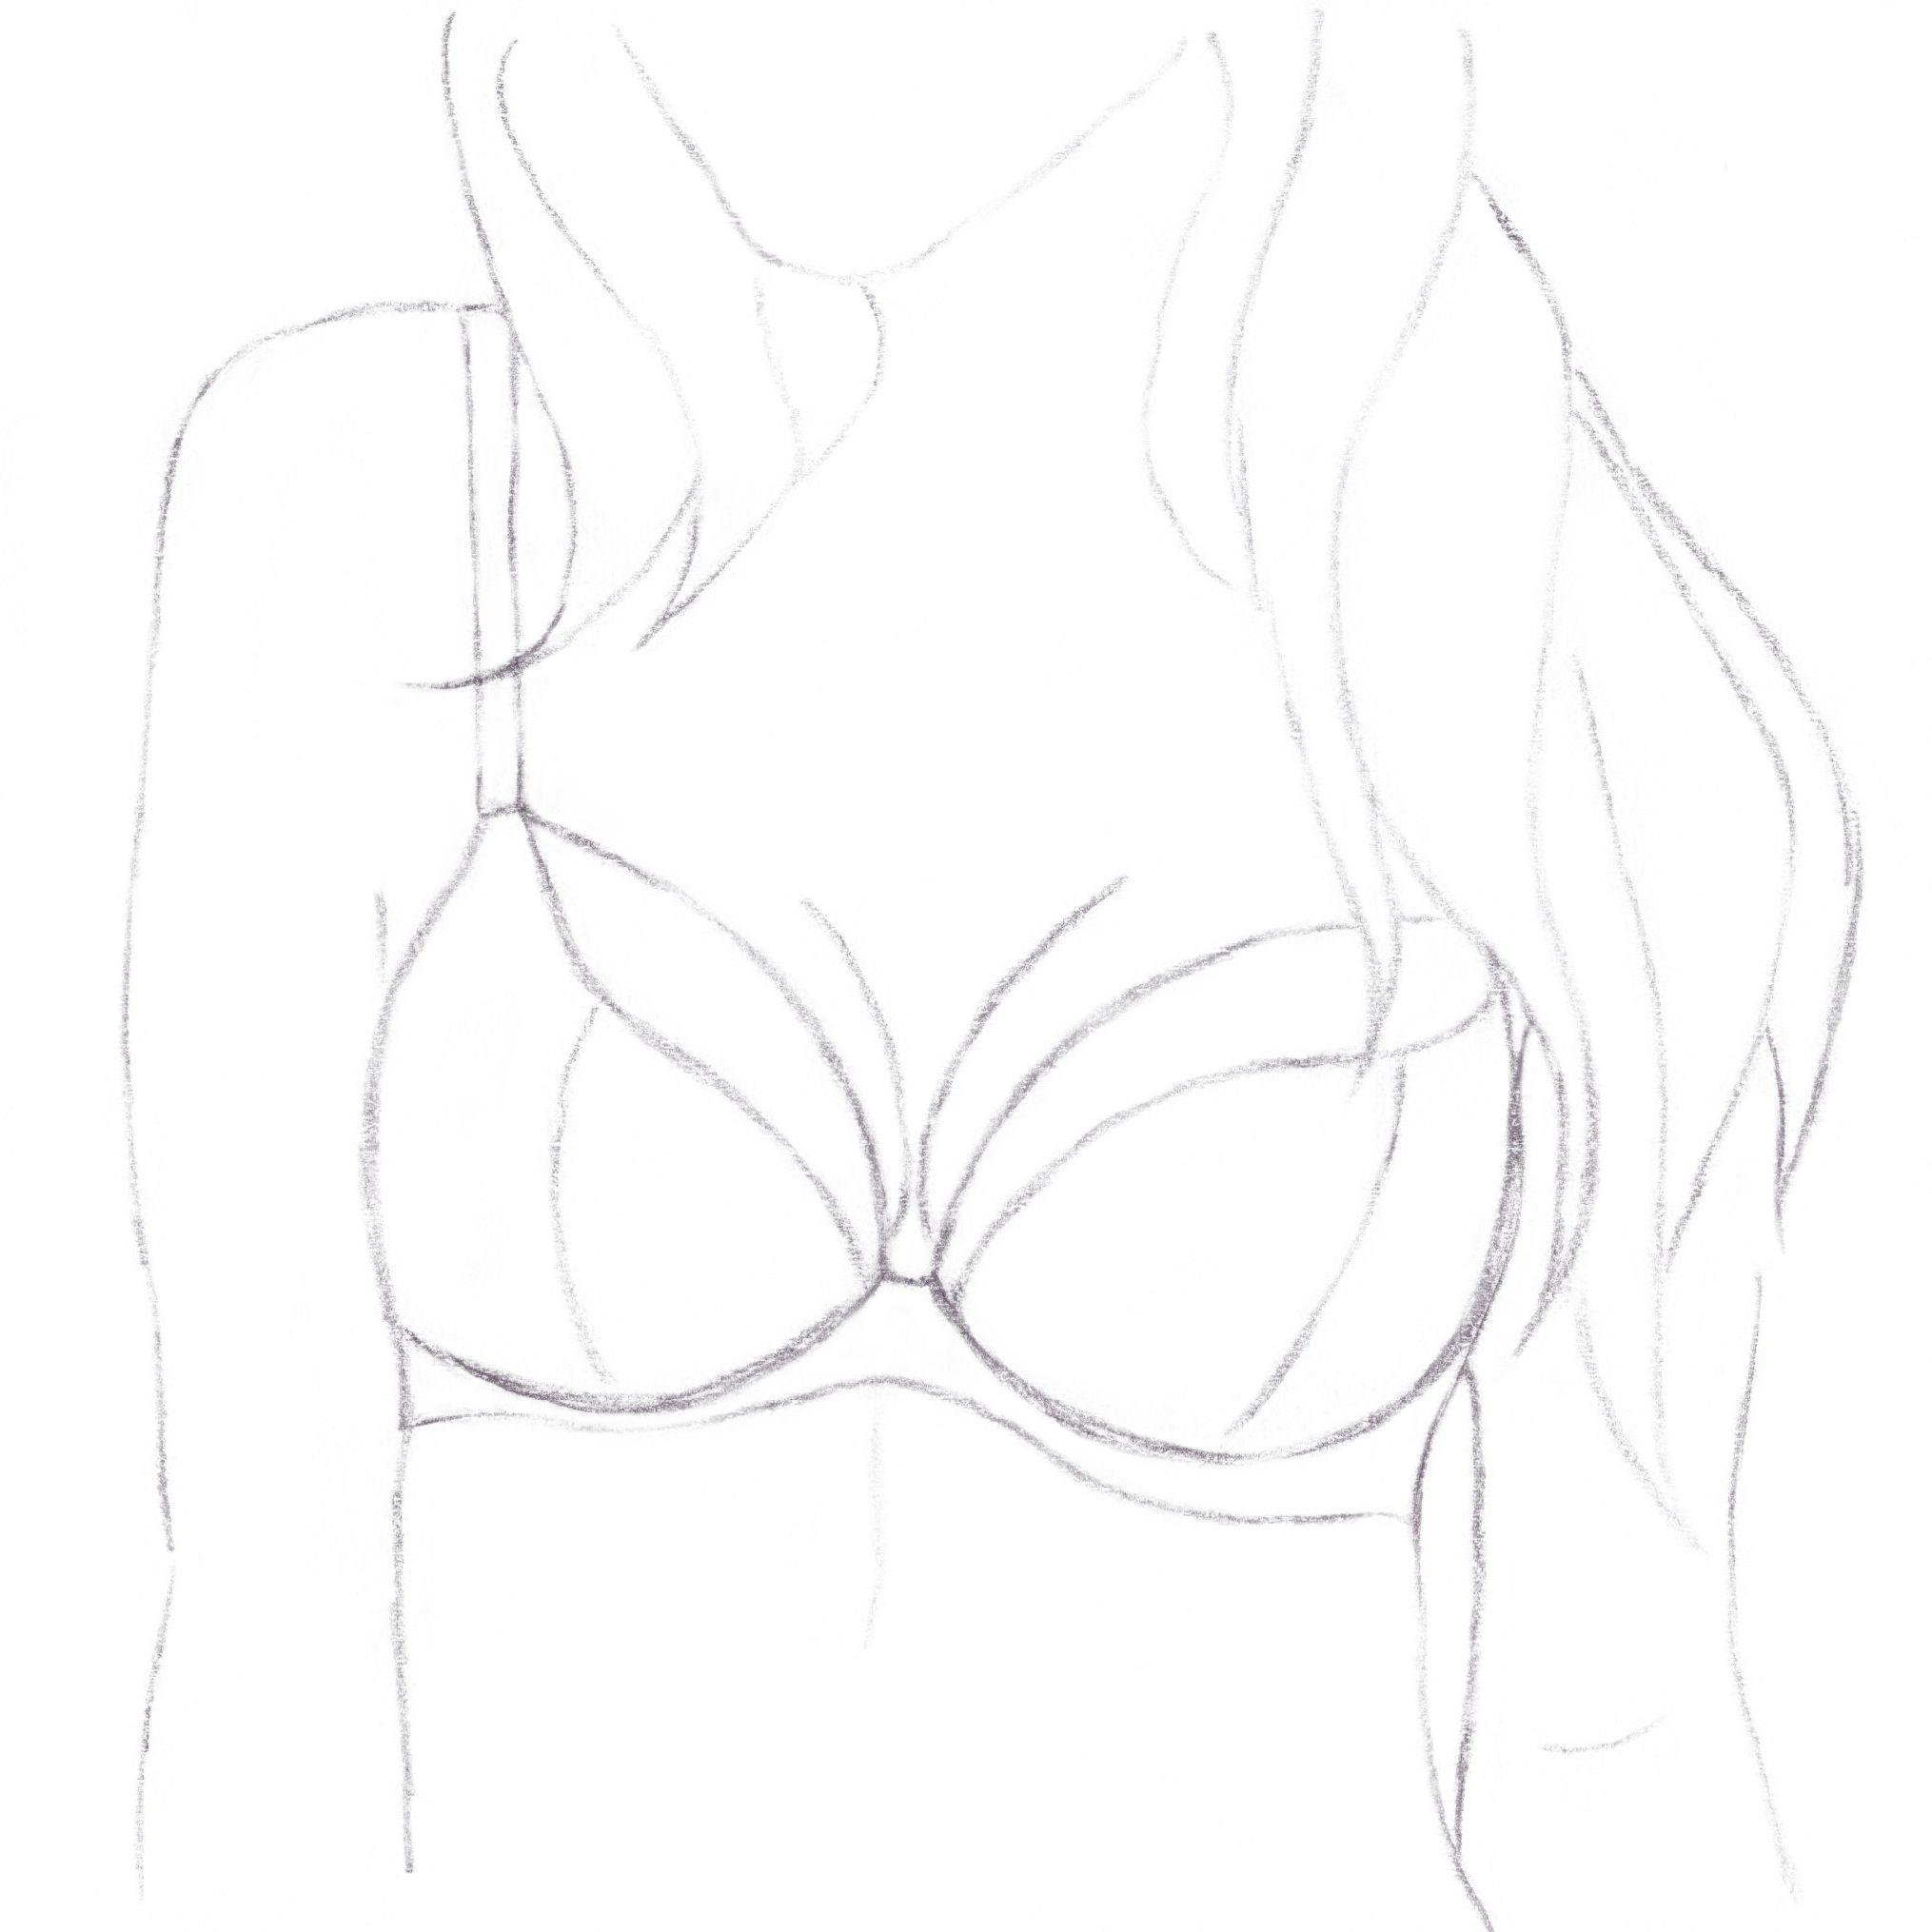 Zeichnung eines Plunge BHs